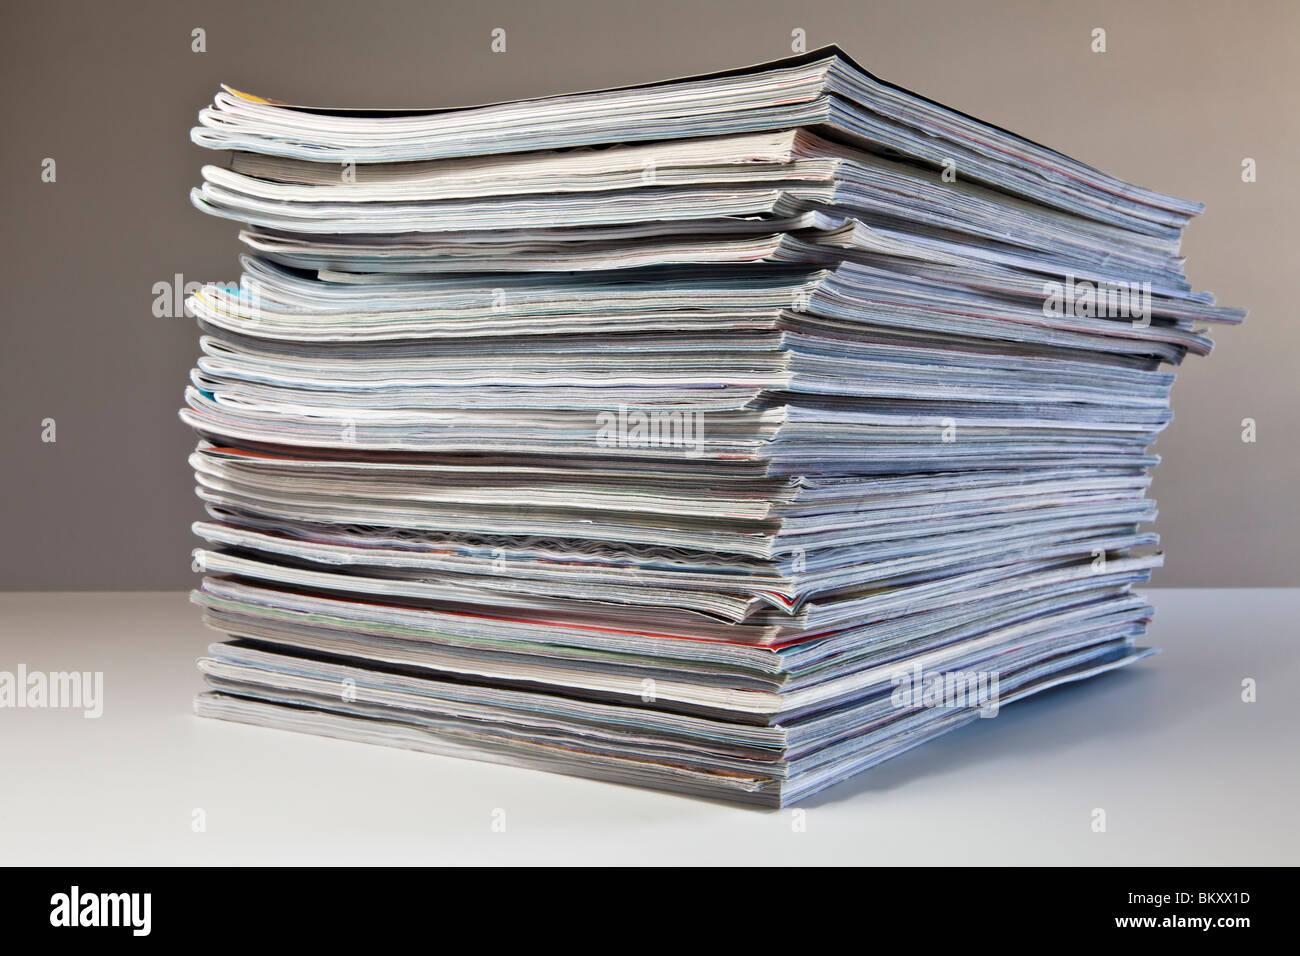 Pile of magazines - Stock Image